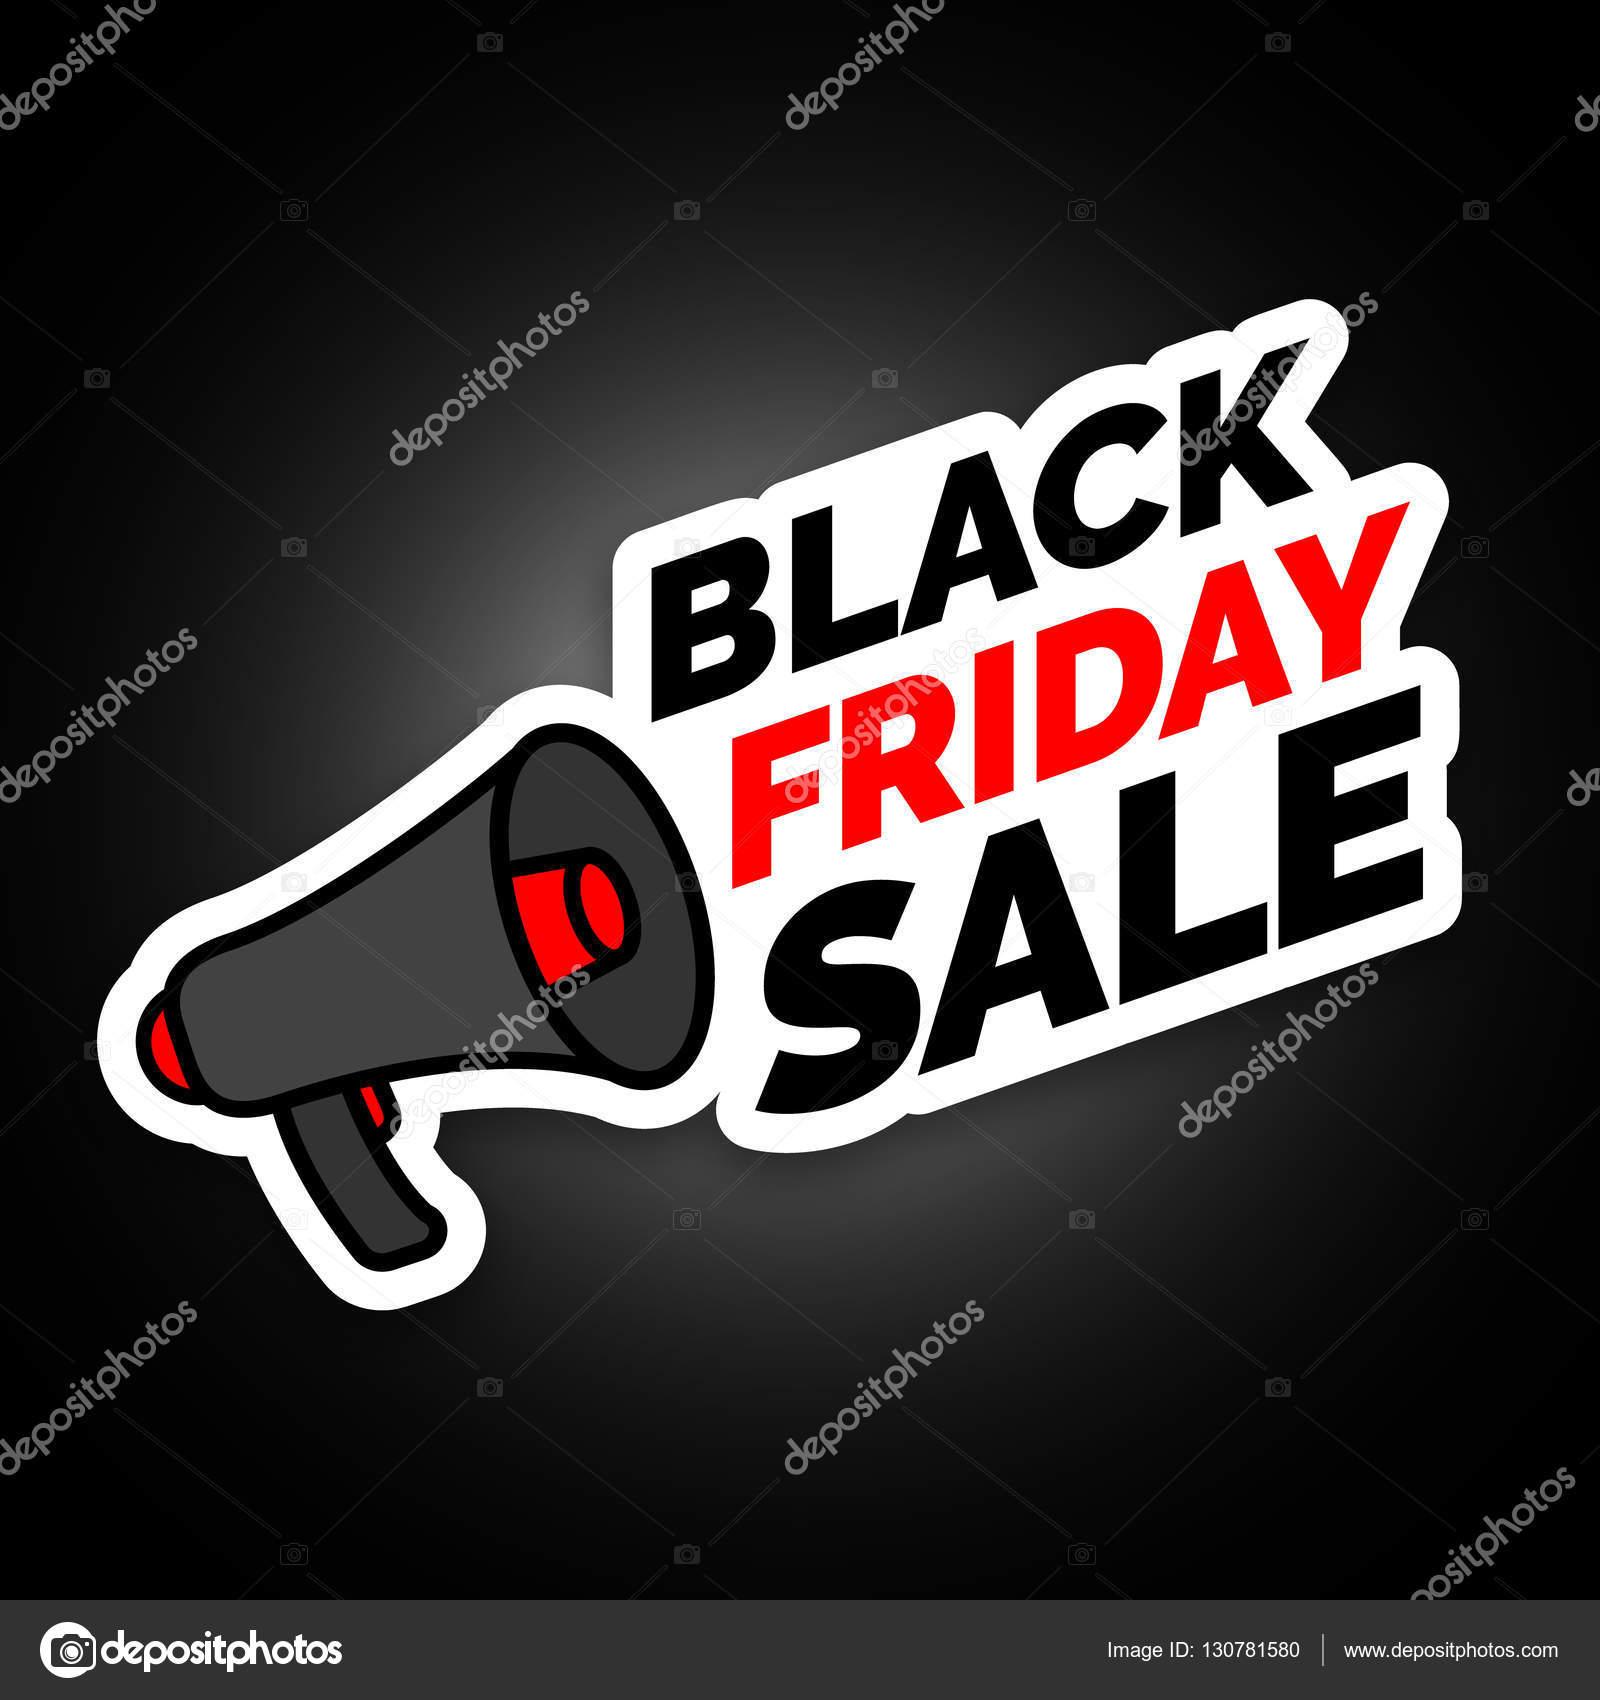 09a0dbd2a Adesivo de venda sexta-feira preto com cores de megafone